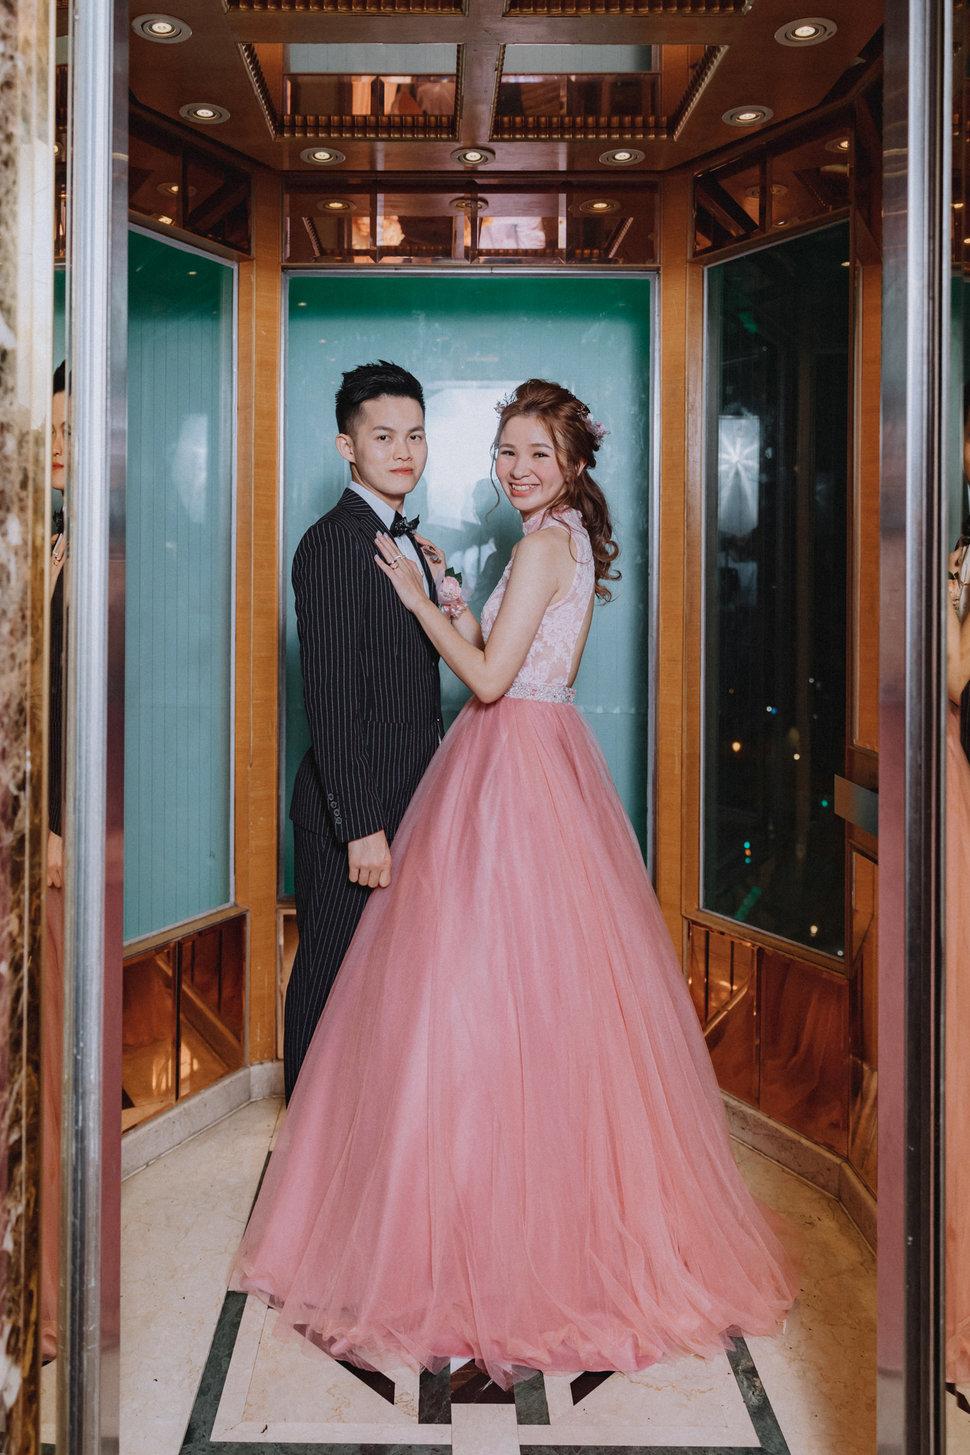 JEFF0618 - jeffphotography - 結婚吧